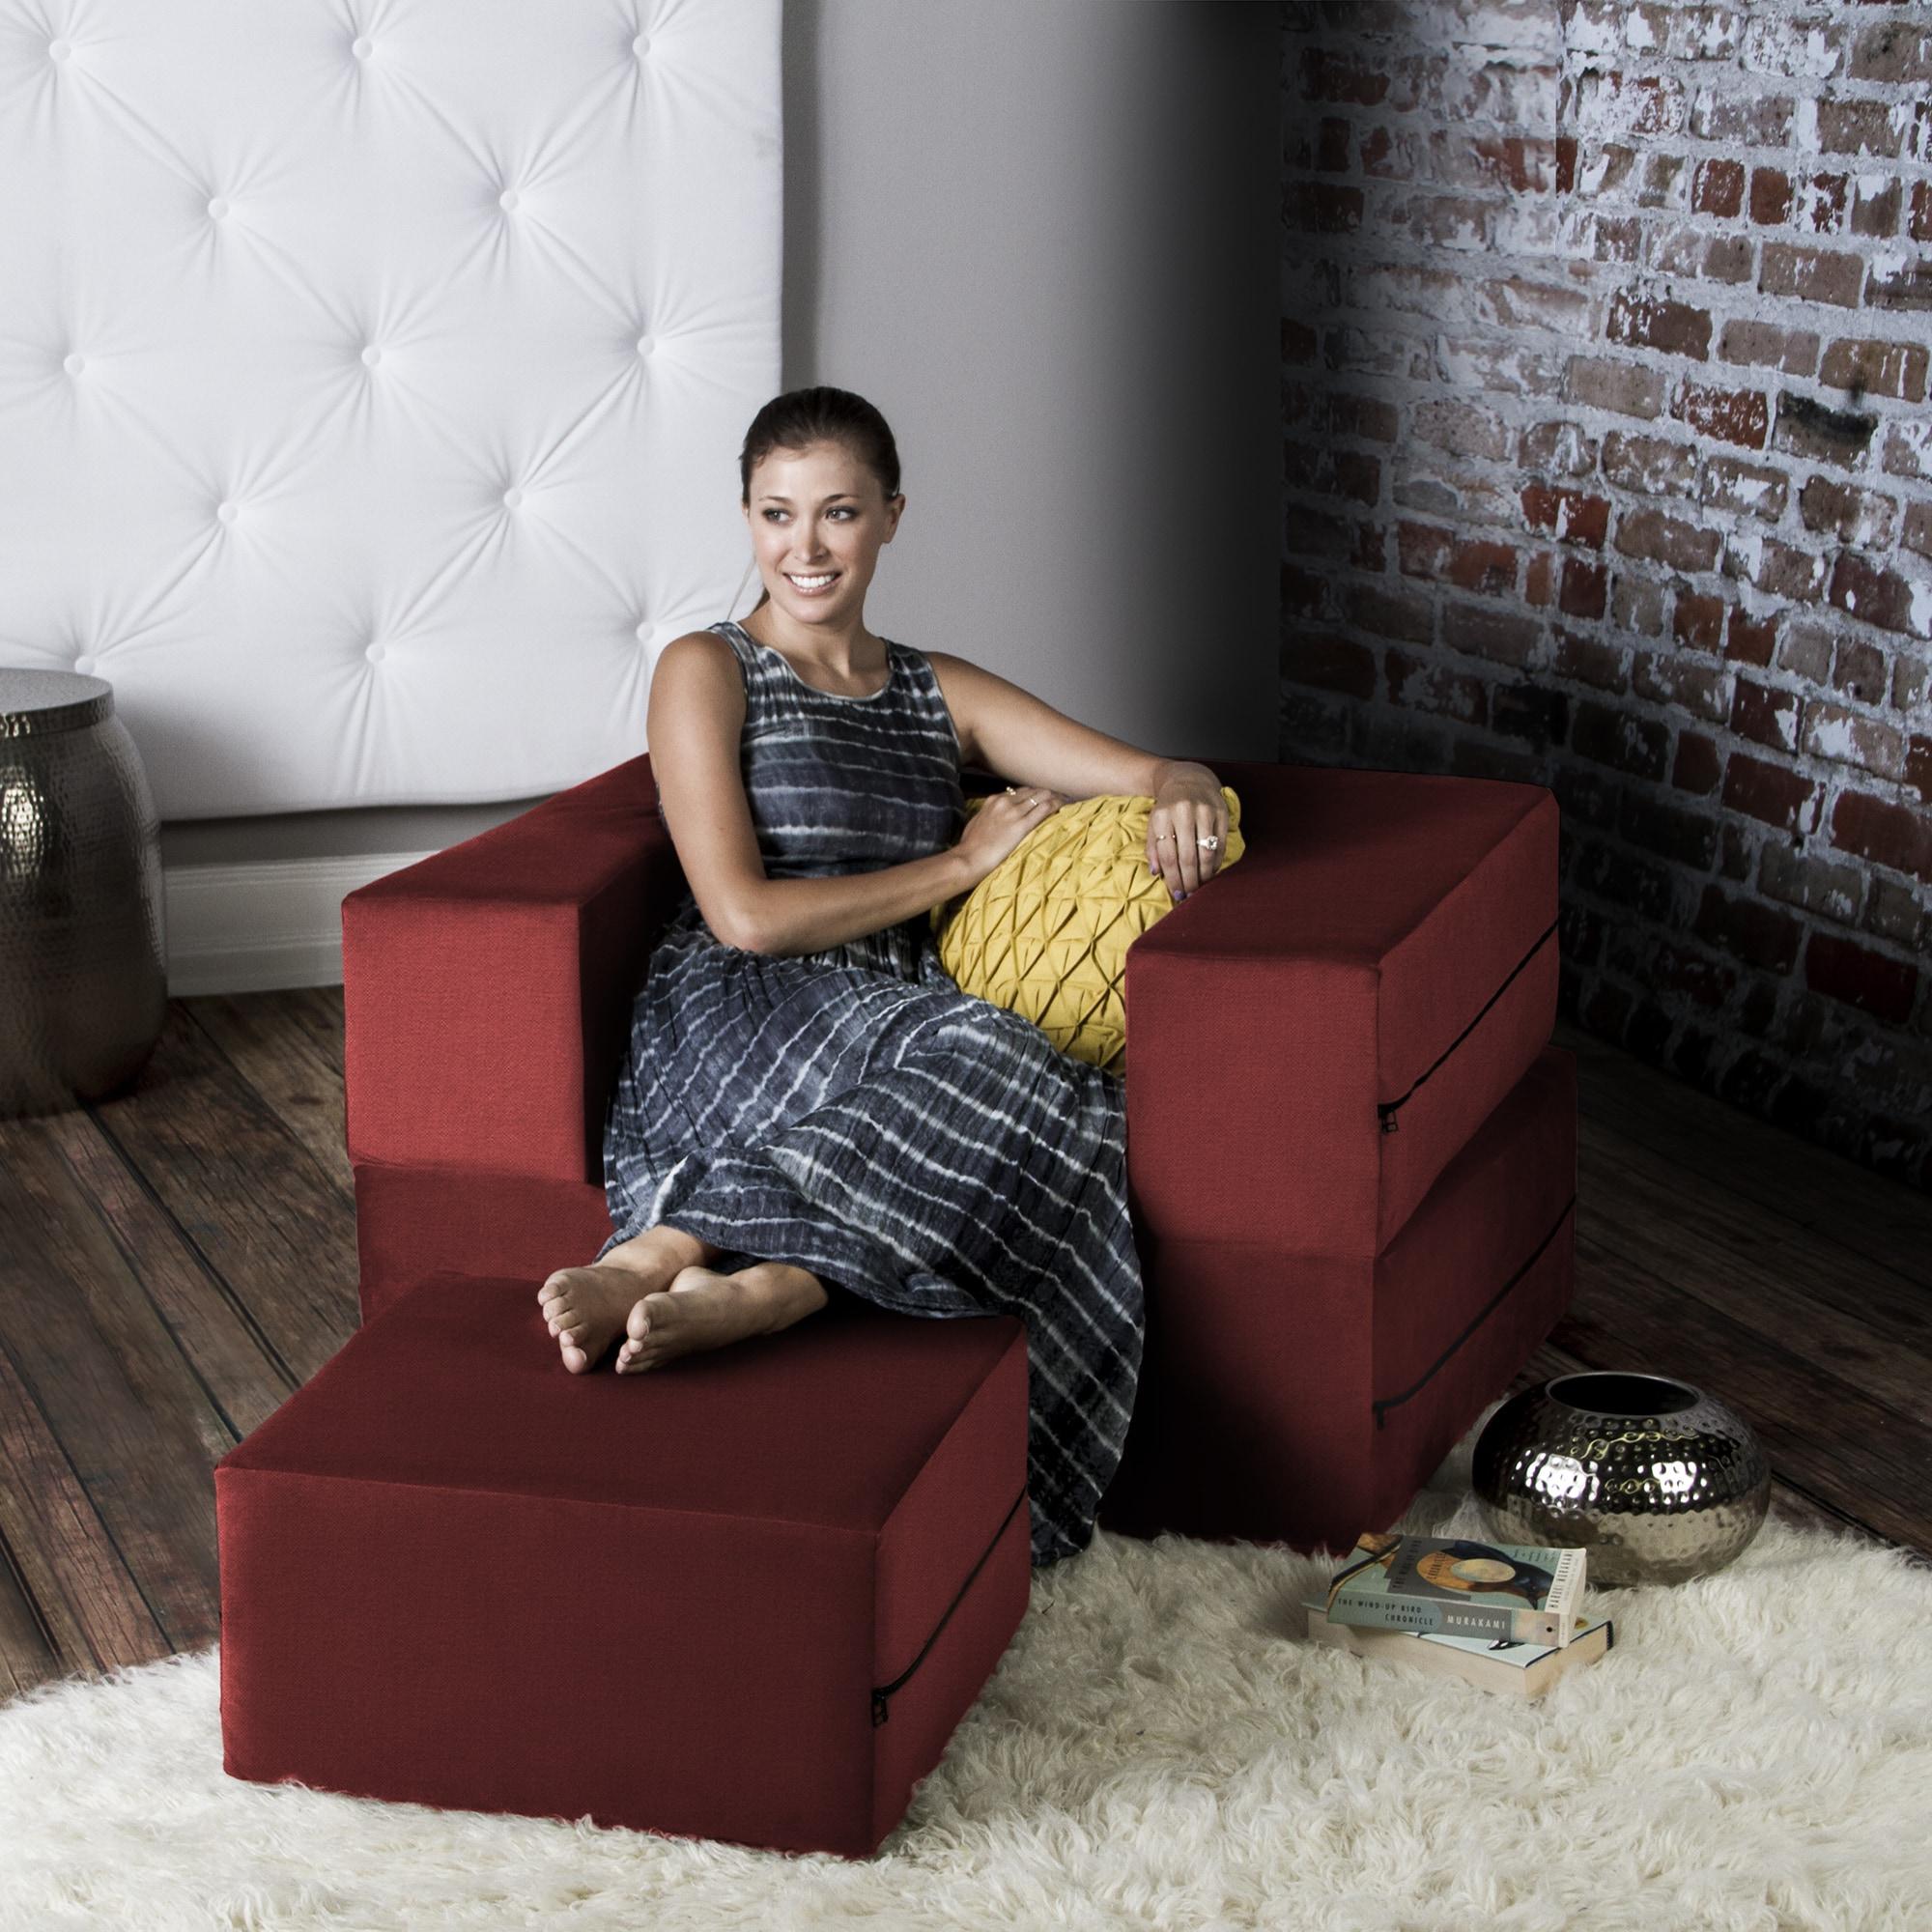 Tomato / 16385 Jaxx Zipline Convertible Sleeper Futon Chair & Ottoman (Twin Bed) 0